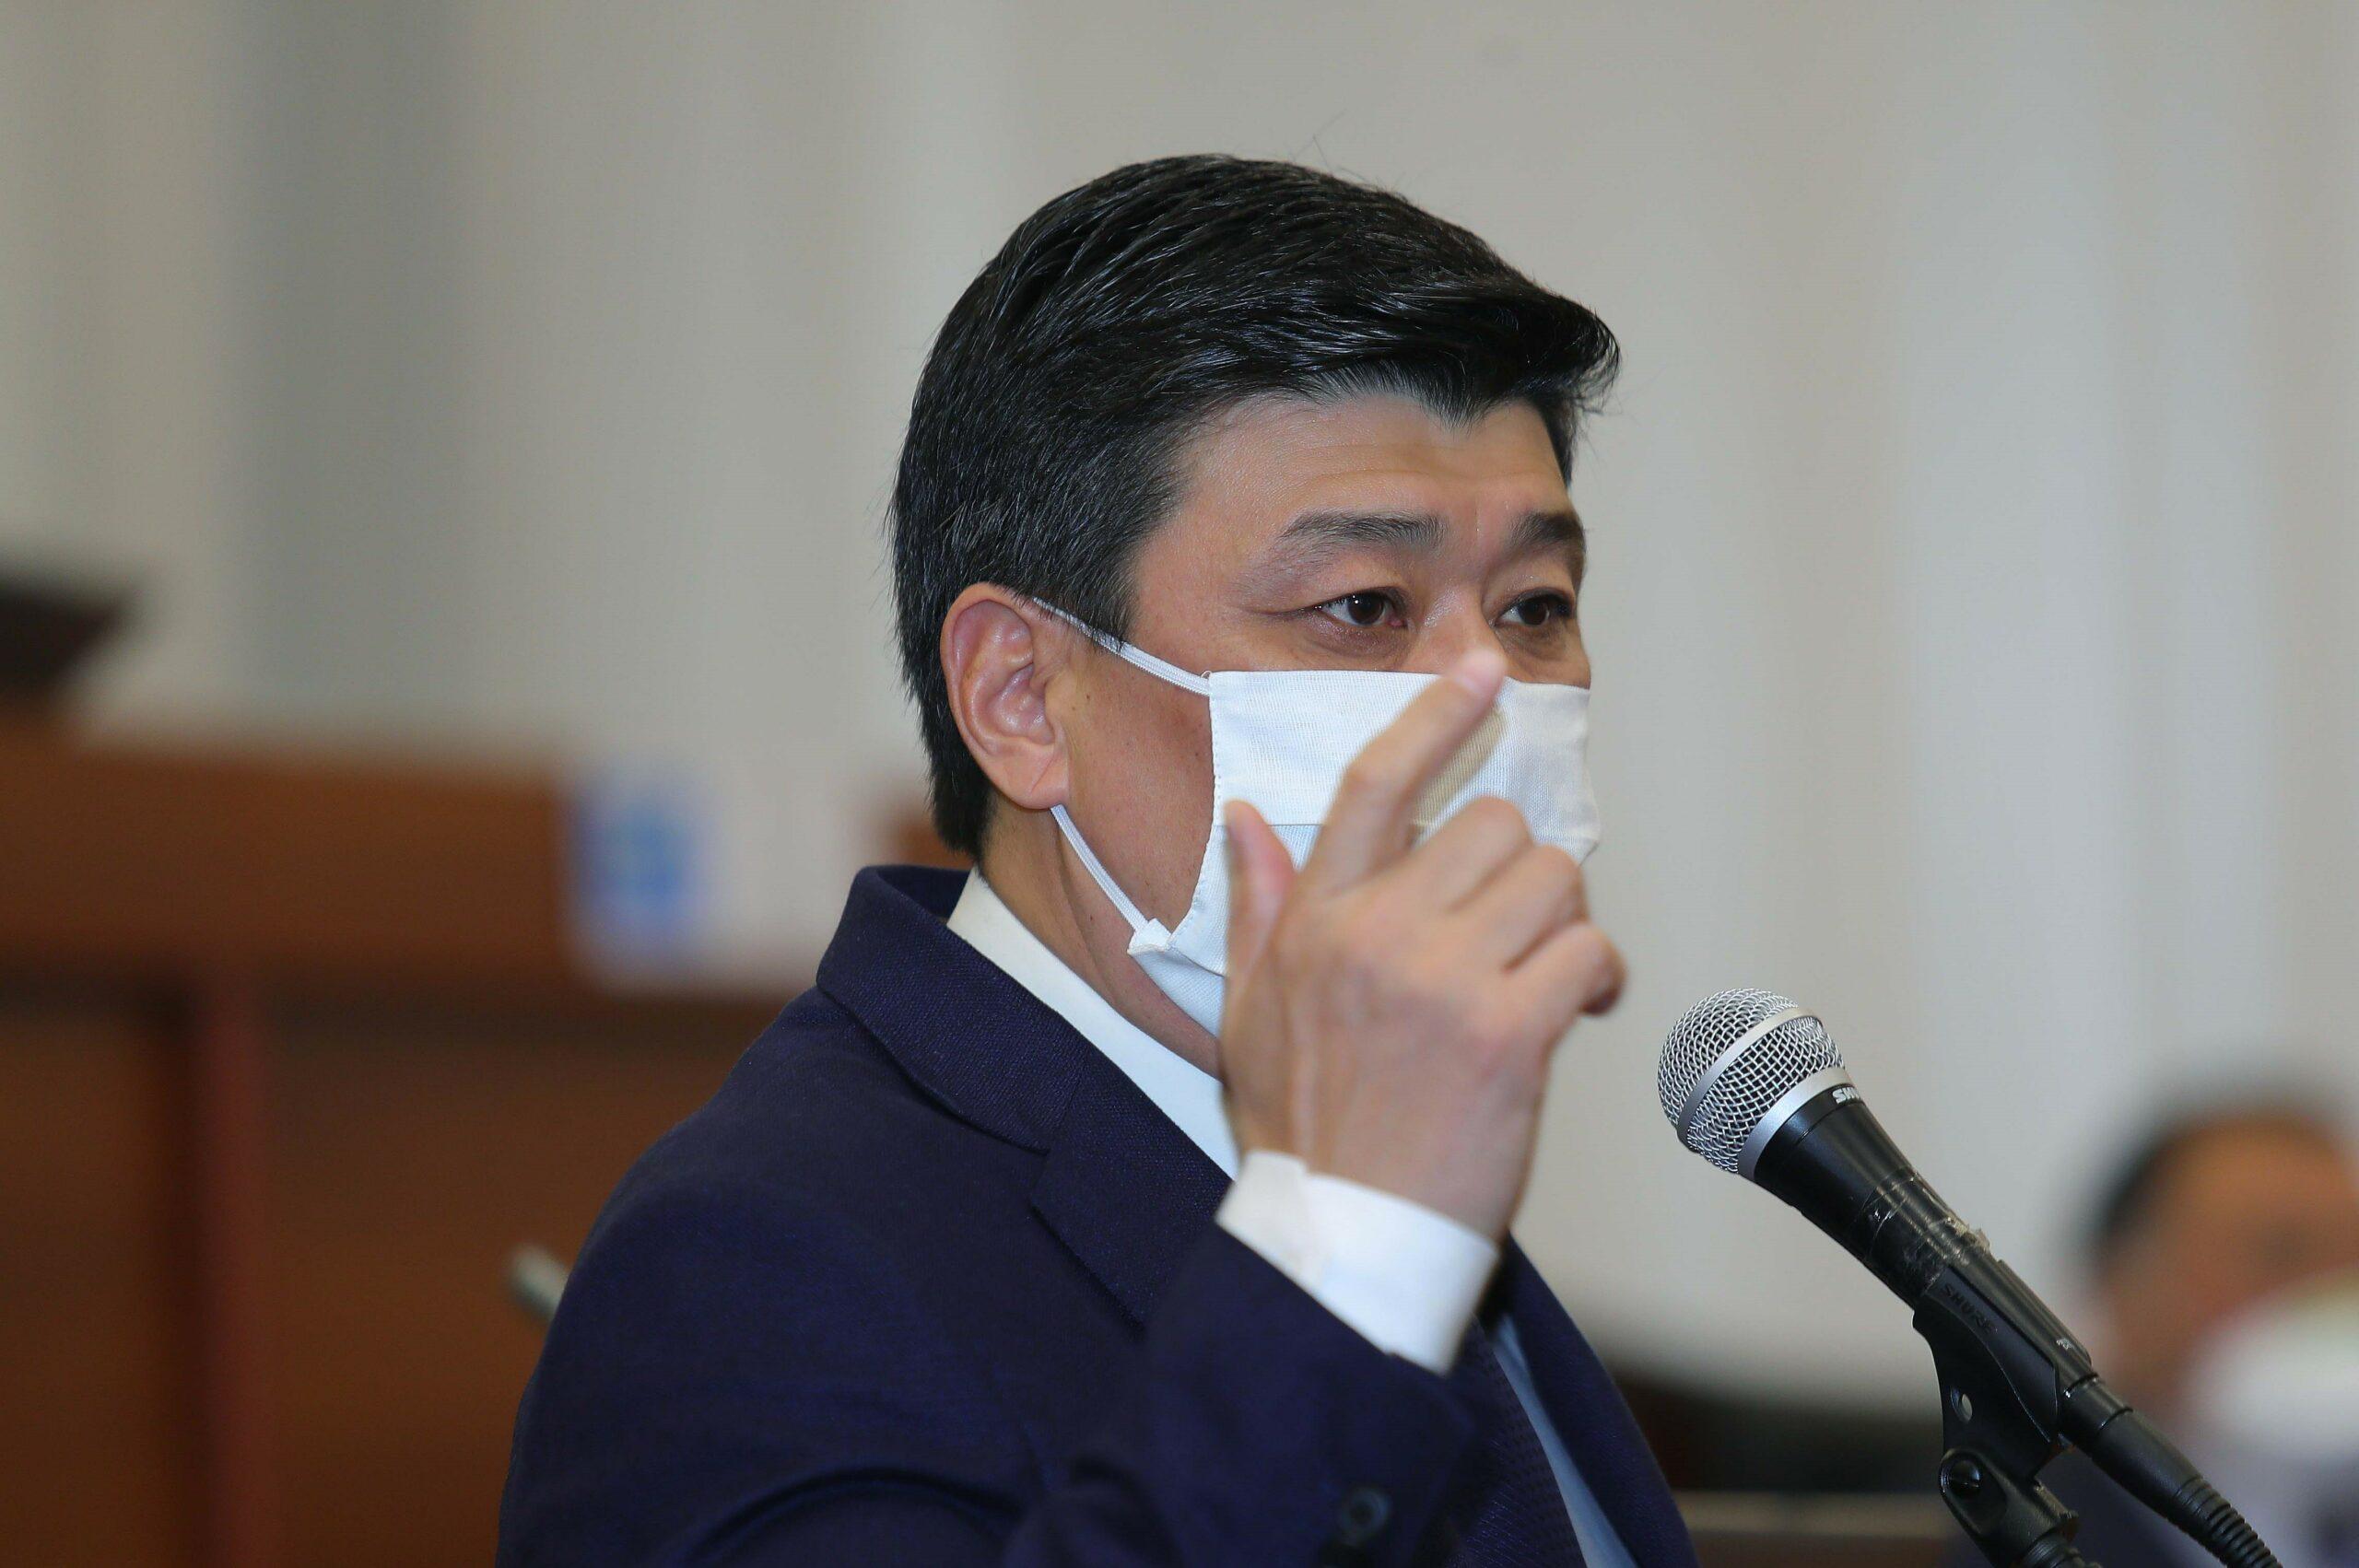 Депутат Төрөбаев: Күндөн-күнгө абал оорлошууда, өлкө боюнча өзгөчө абал жарыялоо керек